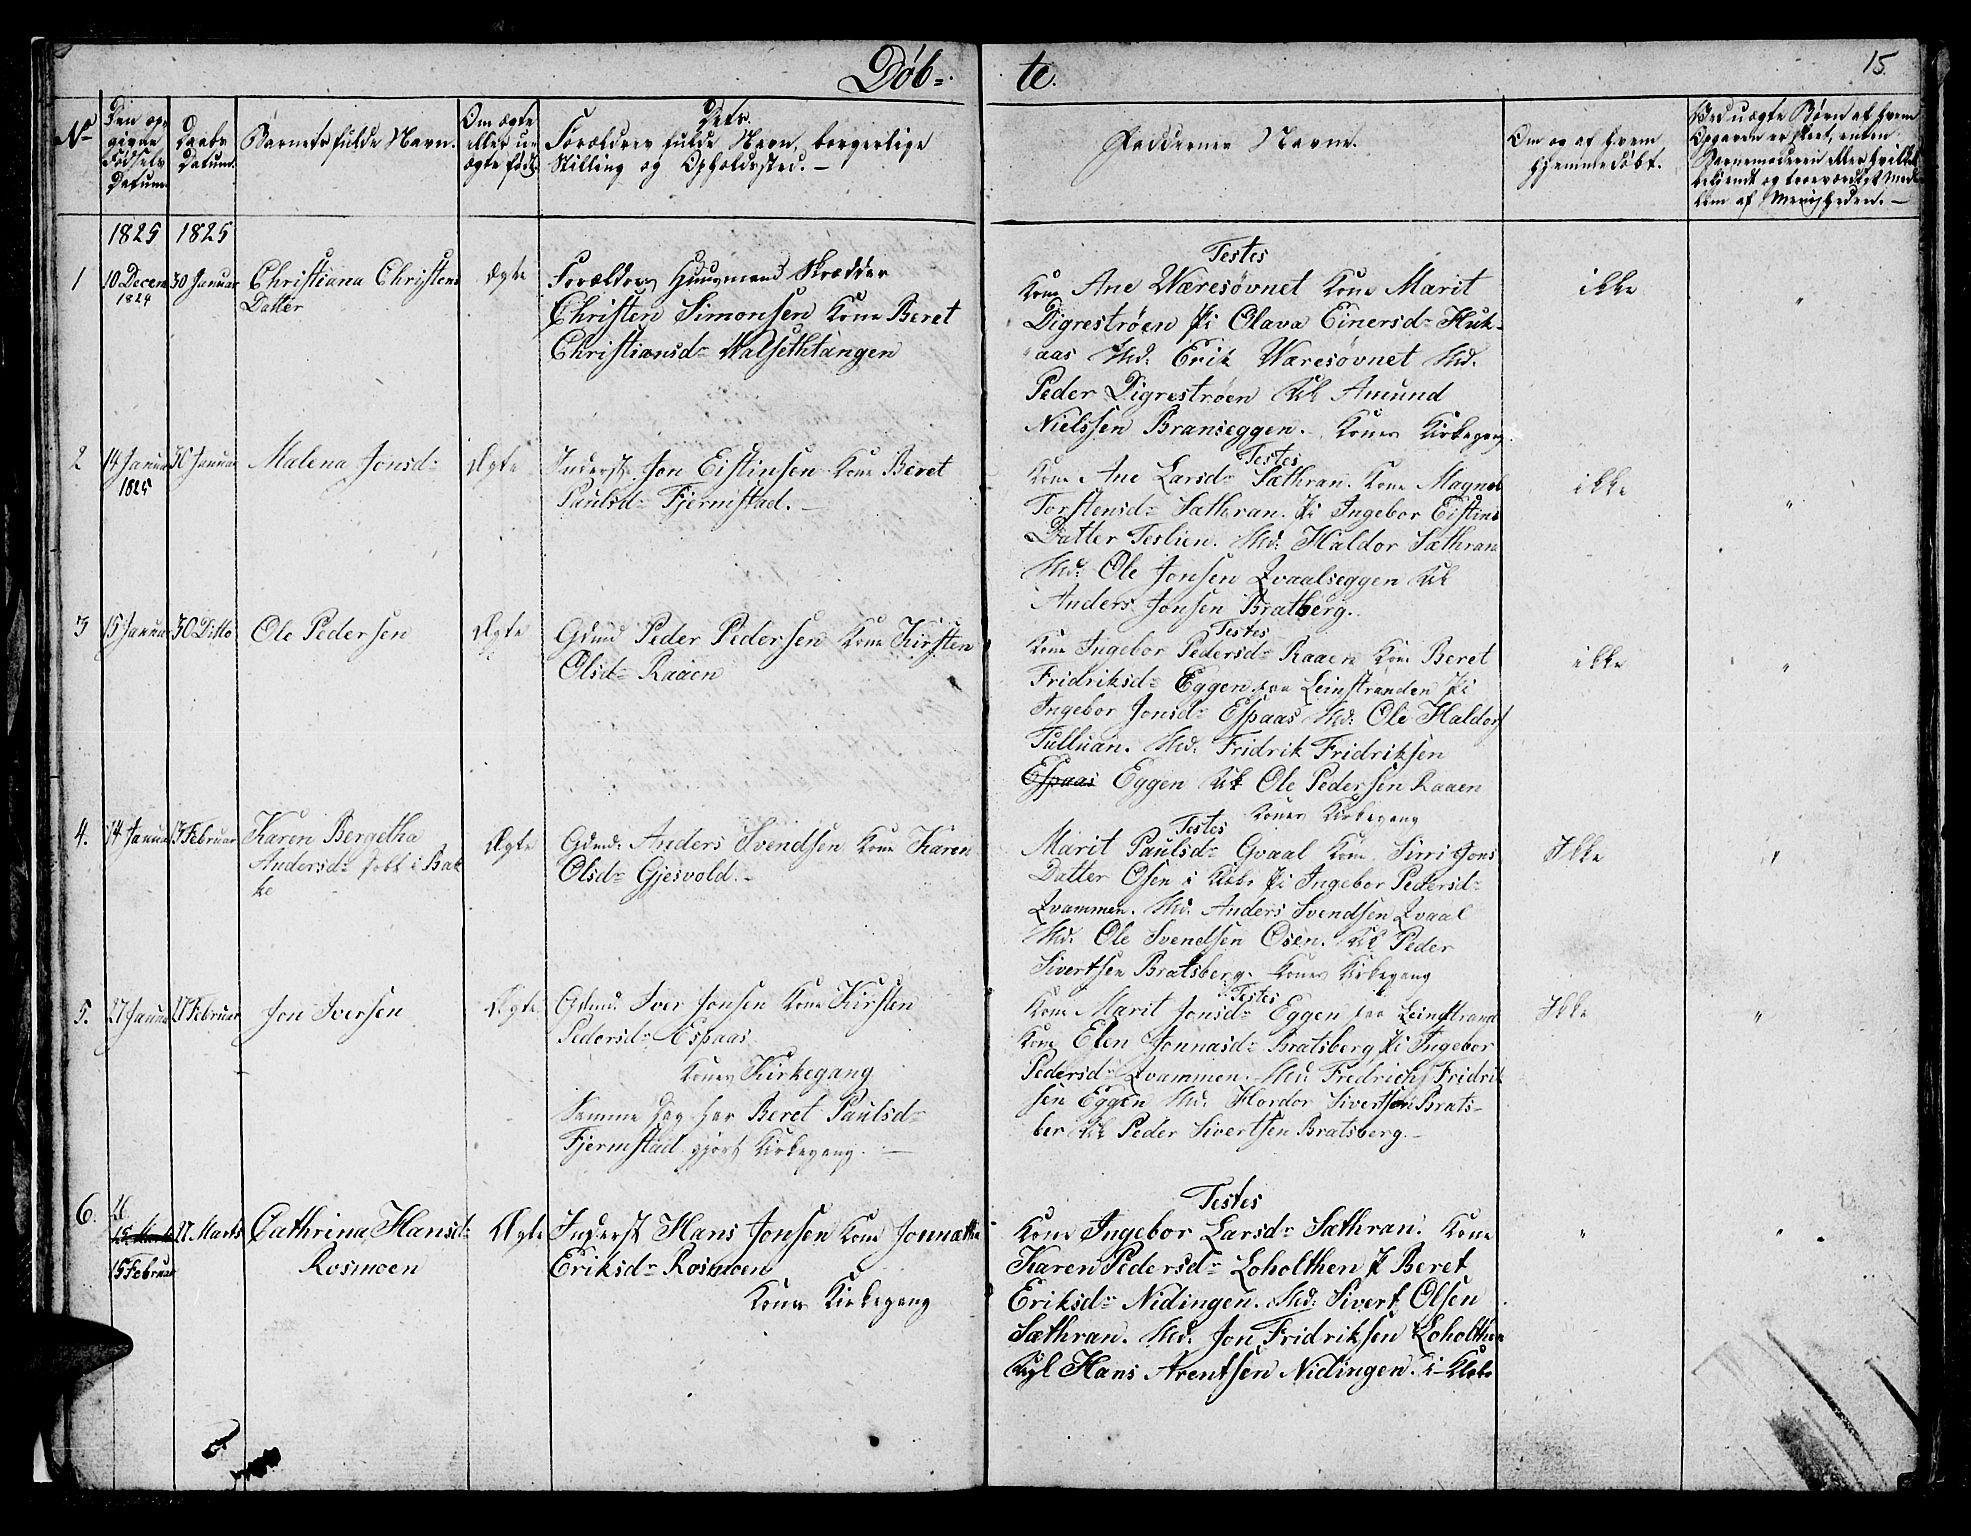 SAT, Ministerialprotokoller, klokkerbøker og fødselsregistre - Sør-Trøndelag, 608/L0337: Klokkerbok nr. 608C03, 1821-1831, s. 15